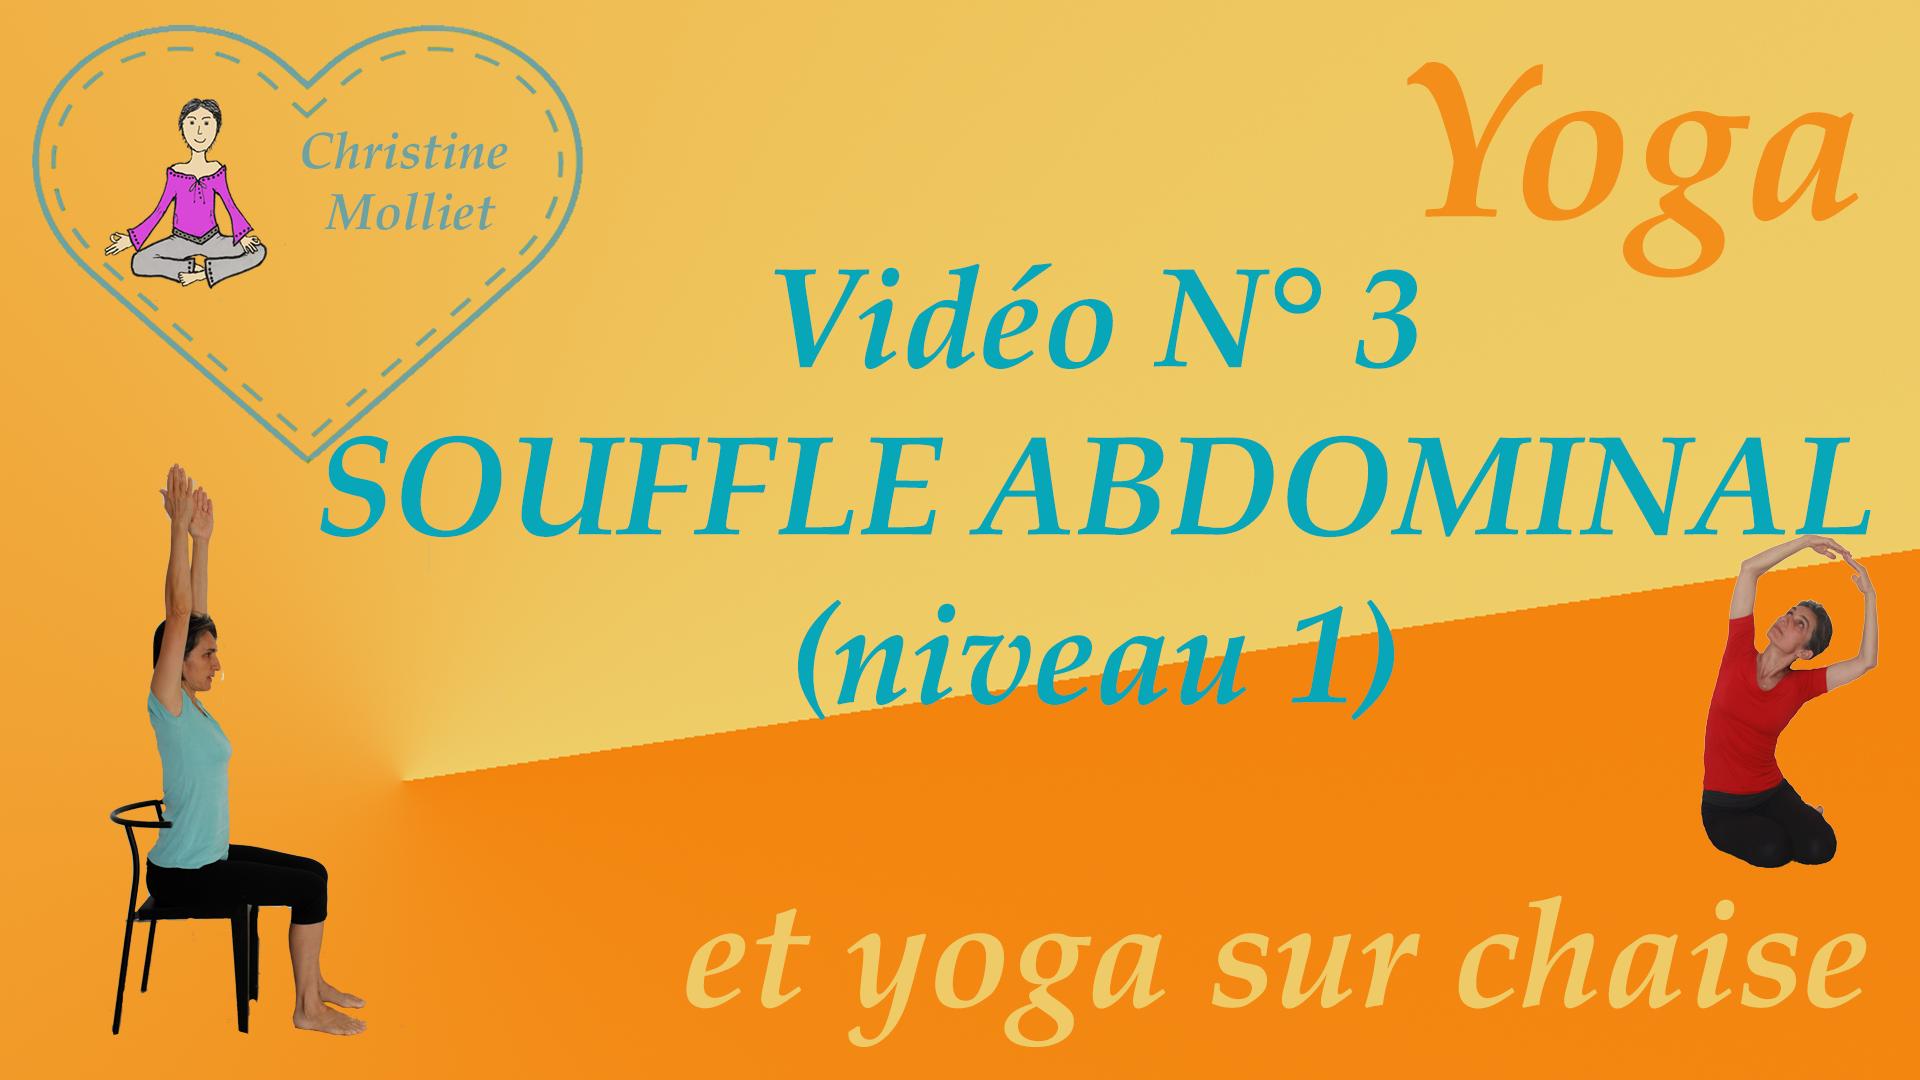 Souffle abdominal Vidéo N°3